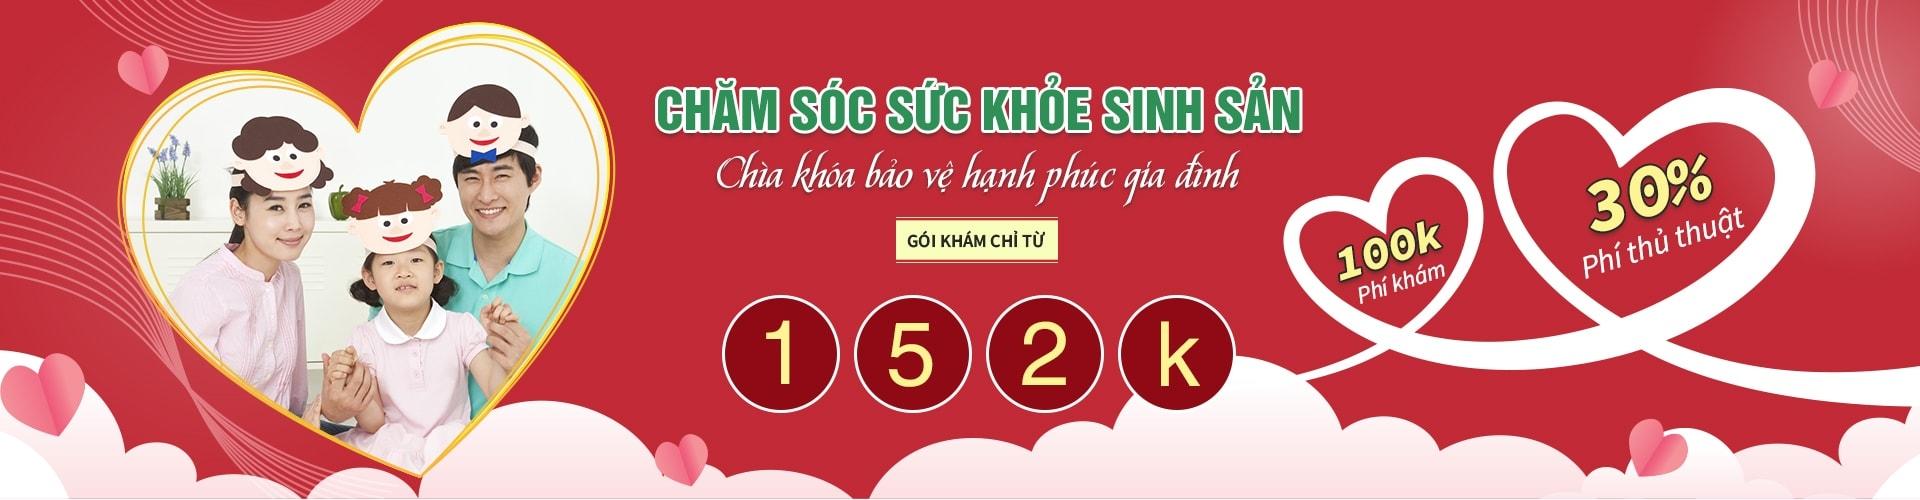 Bs. Trần Thúy Vân (@thuyvan) Cover Image